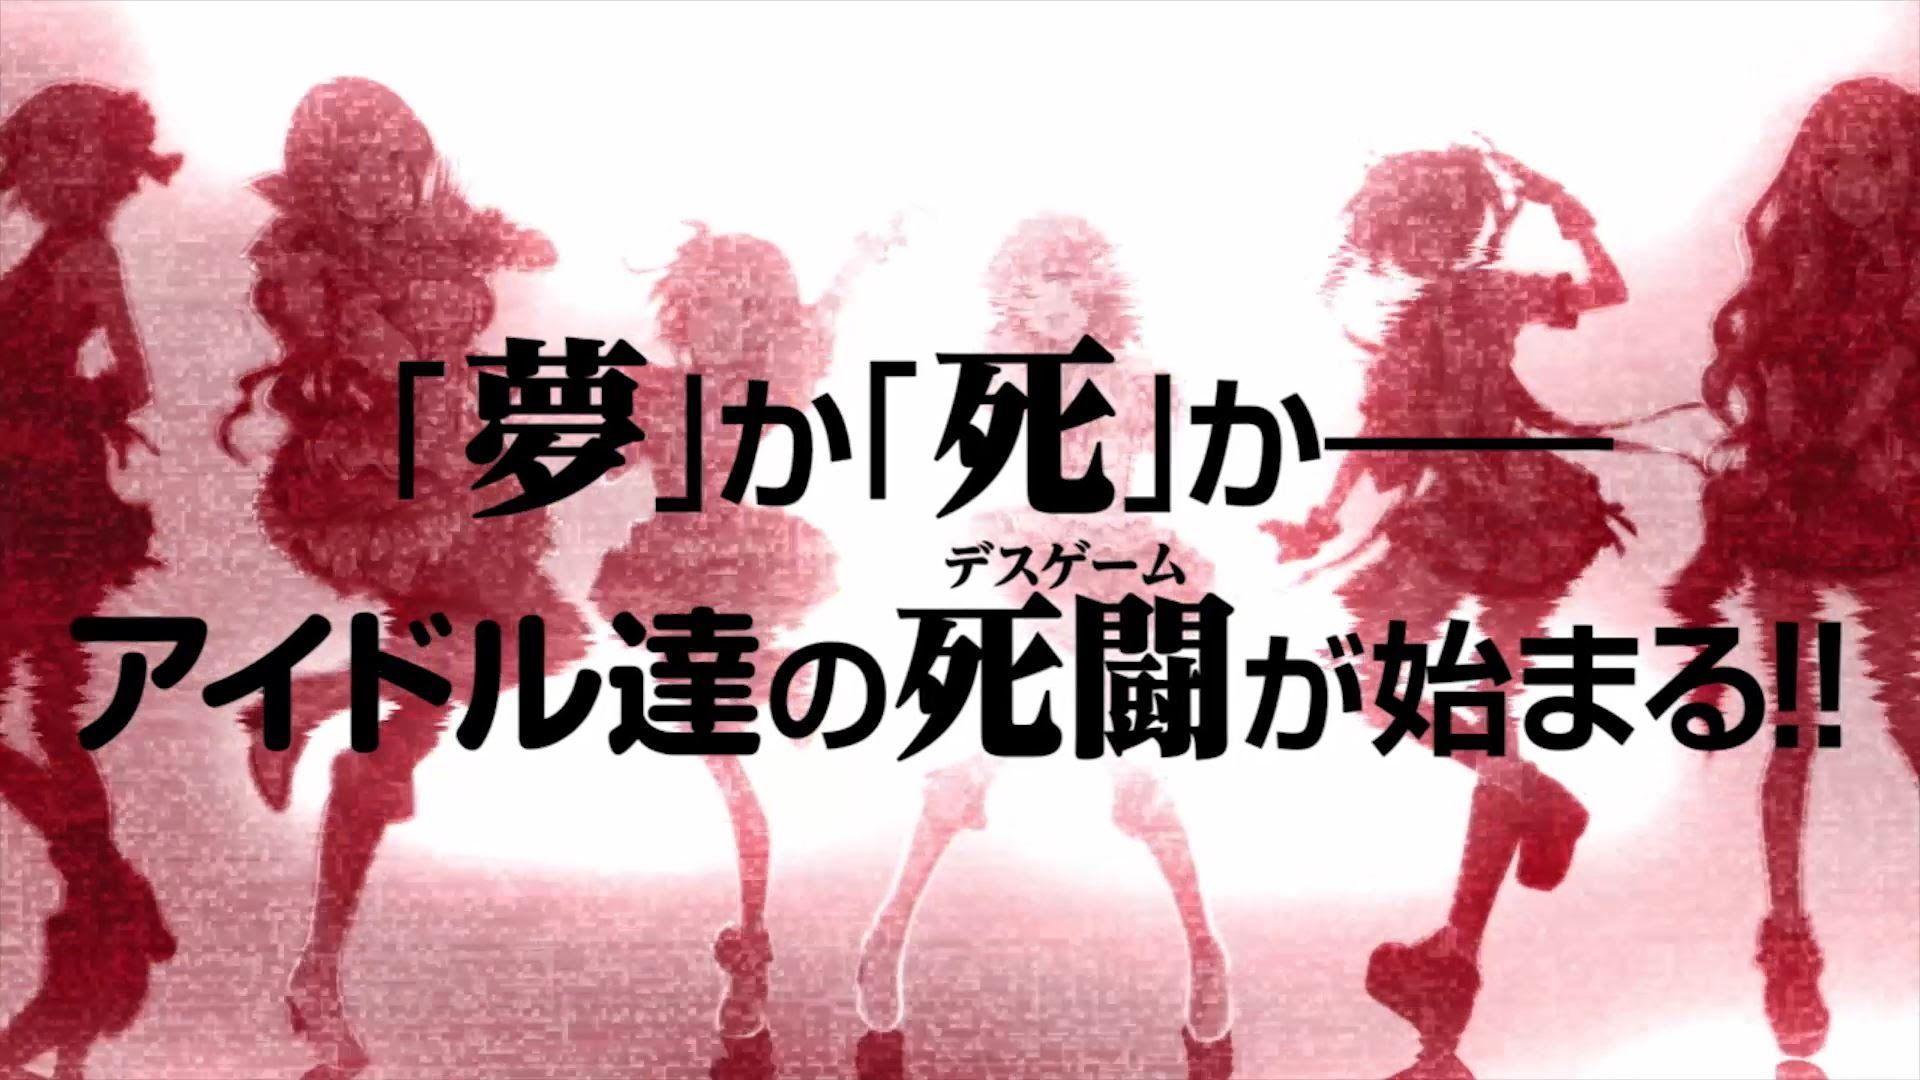 アイドルデスゲームTV プロモーションムービー